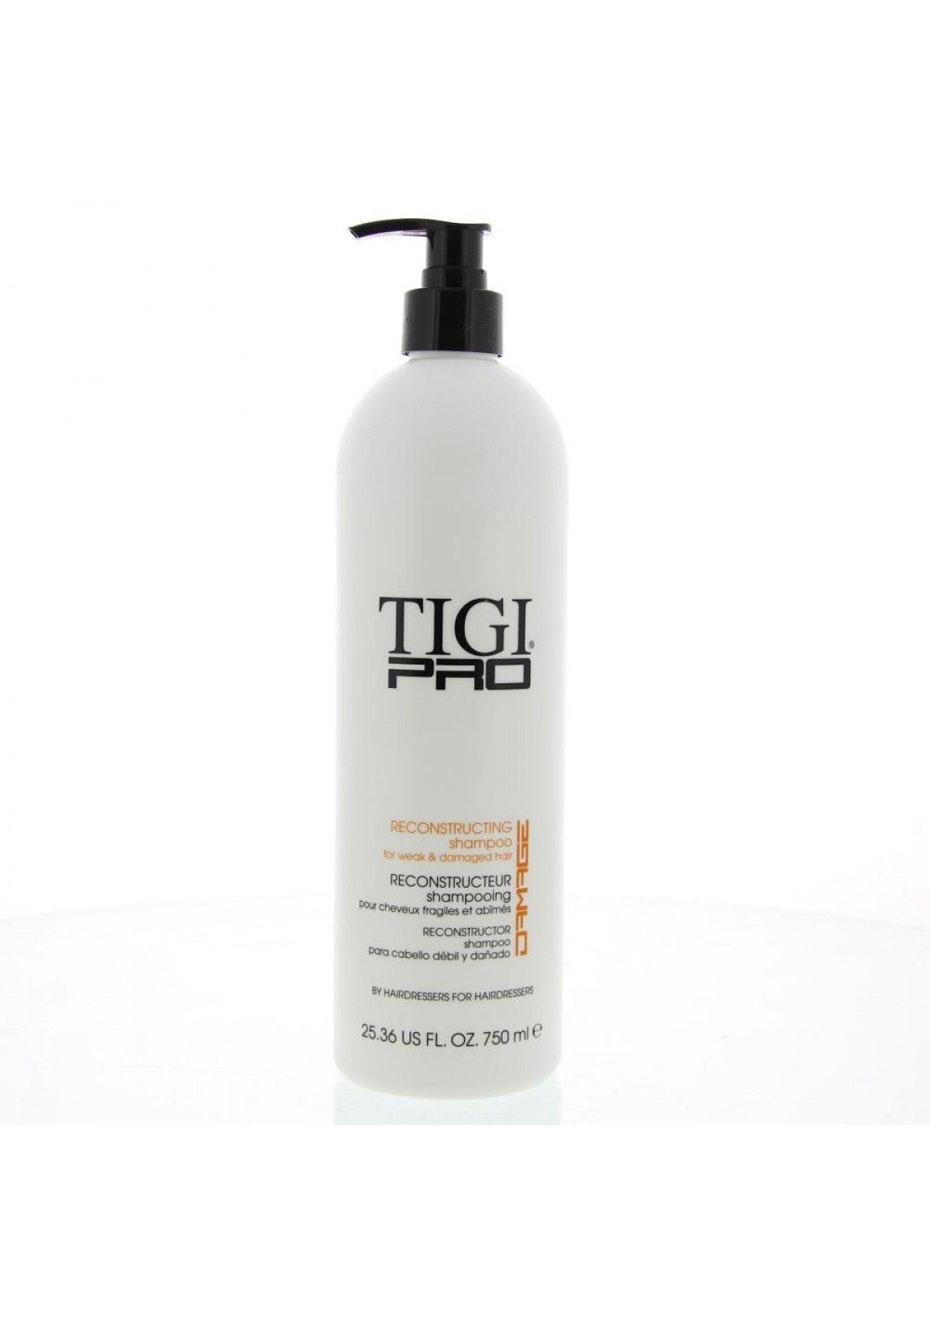 Tigi Pro Reconstructing Shampoo 750ml